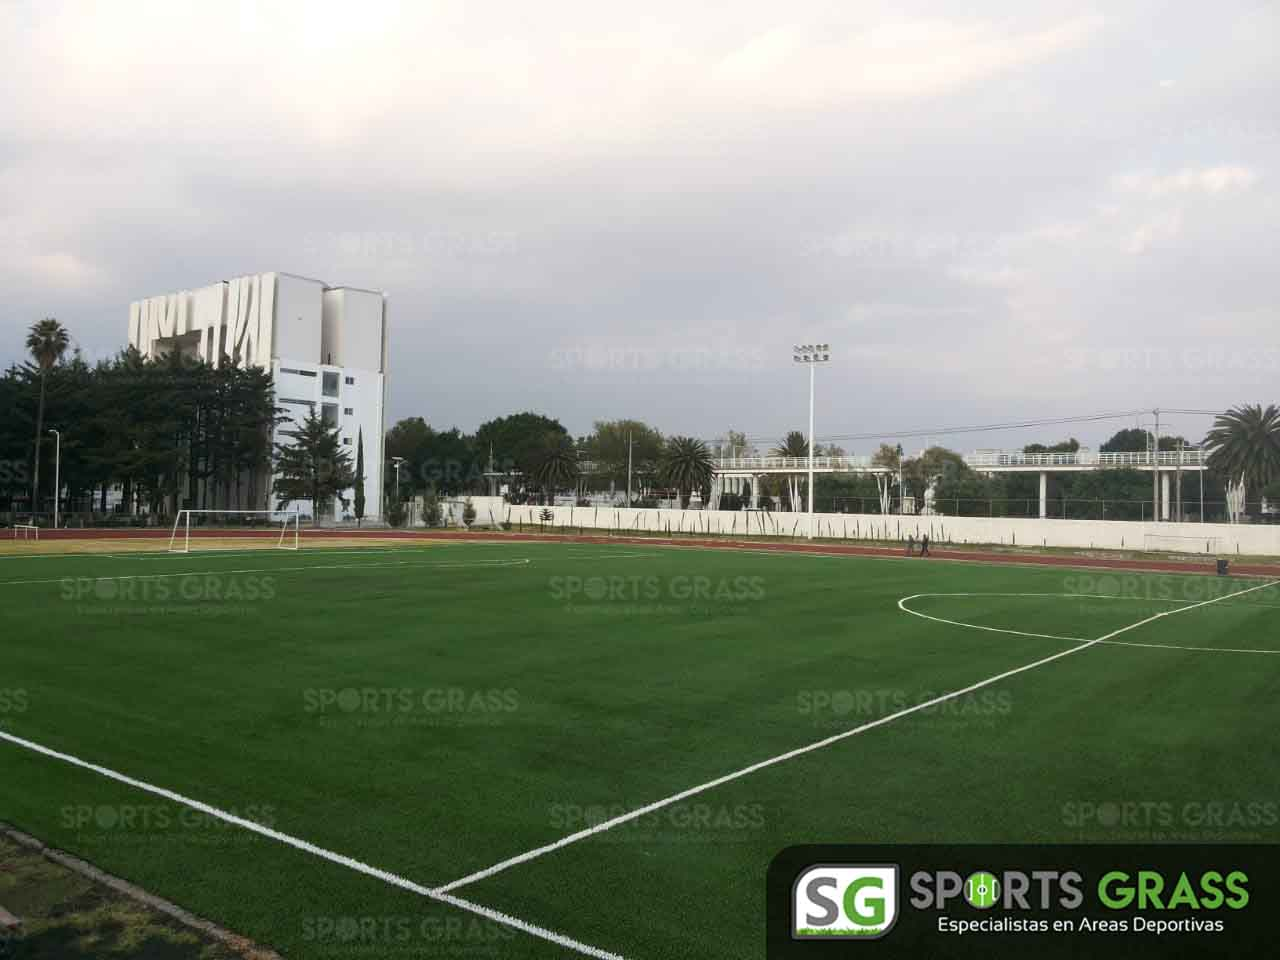 Cancha Futbol Soccer BINE Benemerito Instintuto Normal del Estado Puebla Sports Grass 02